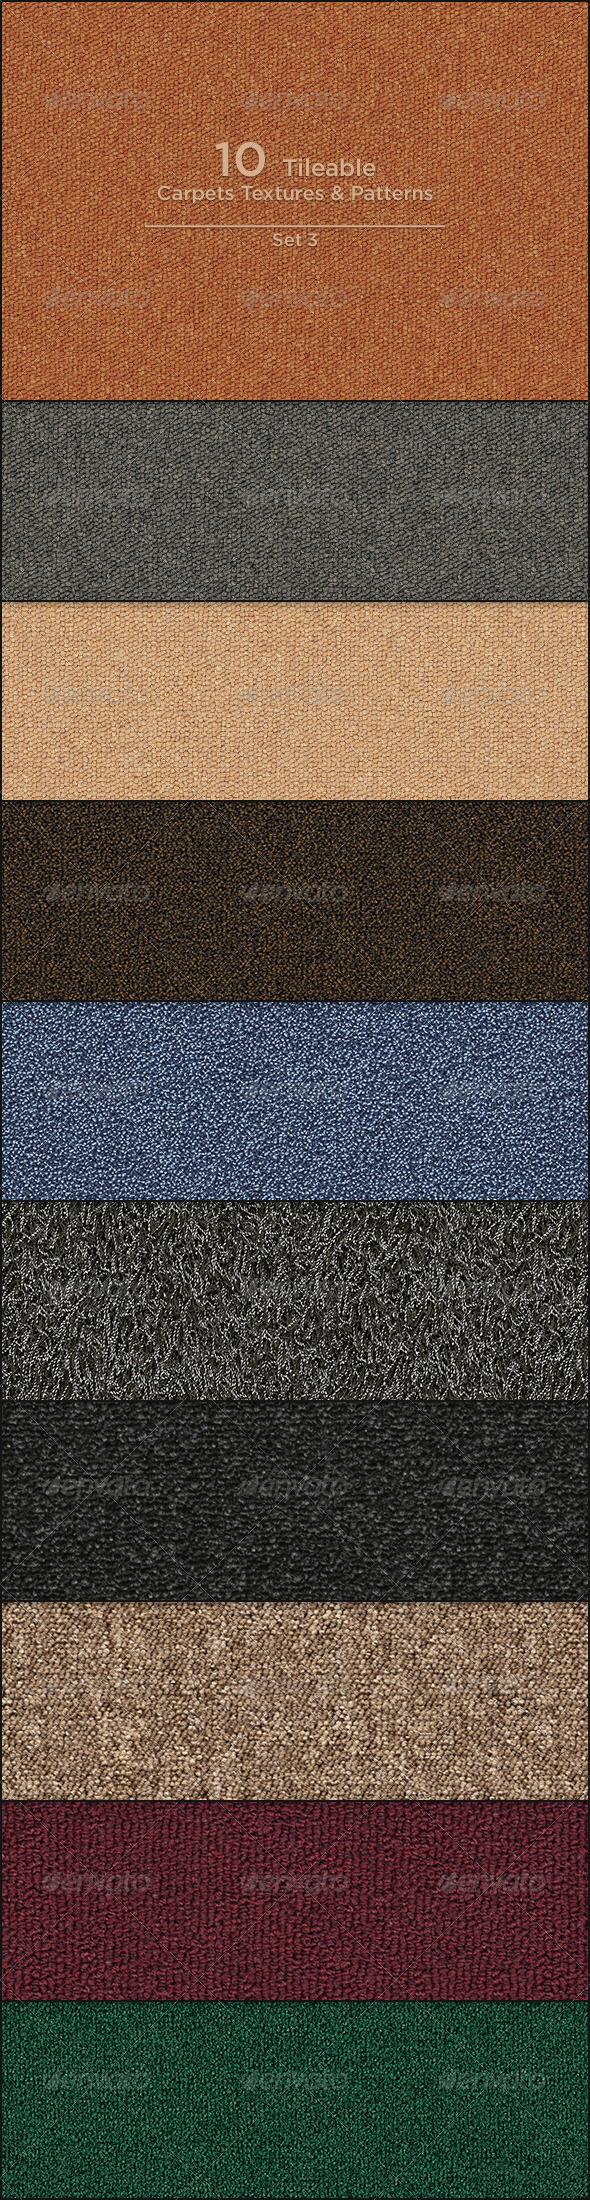 GraphicRiver 10 Tileable Carpet Textures Patterns 4137908